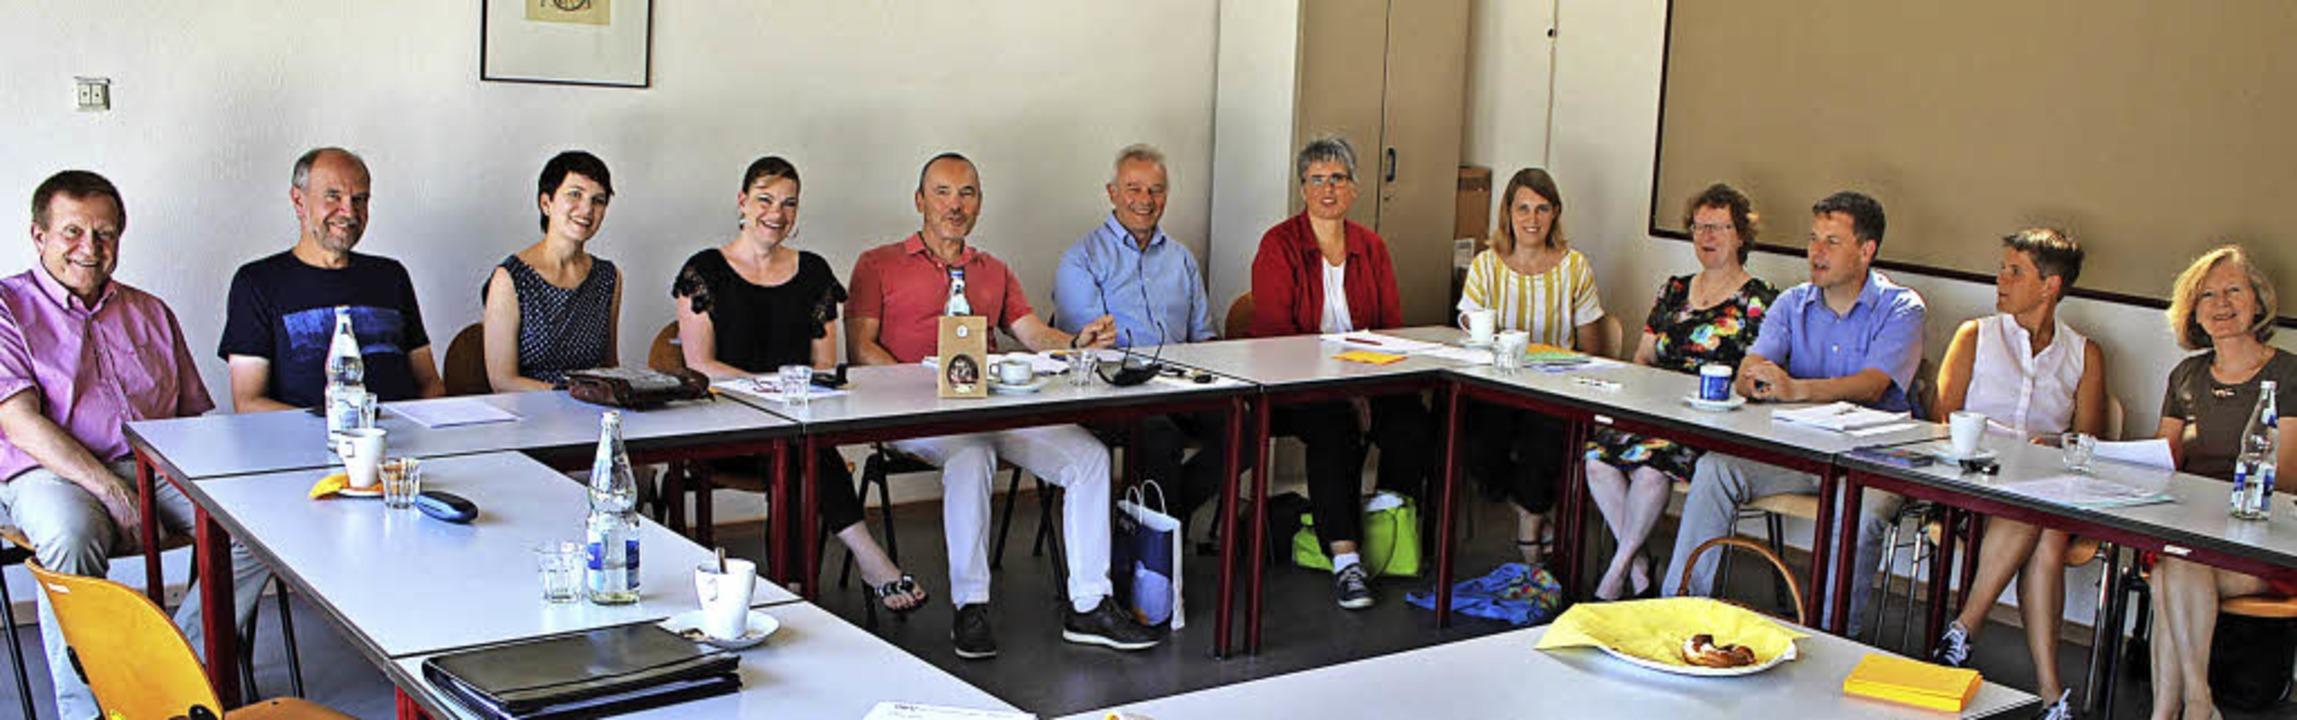 Seltener Anblick: Die Leiter der Volks... Gedankenaustausch kollektives Lernen.    Foto: Rolf Reißmann